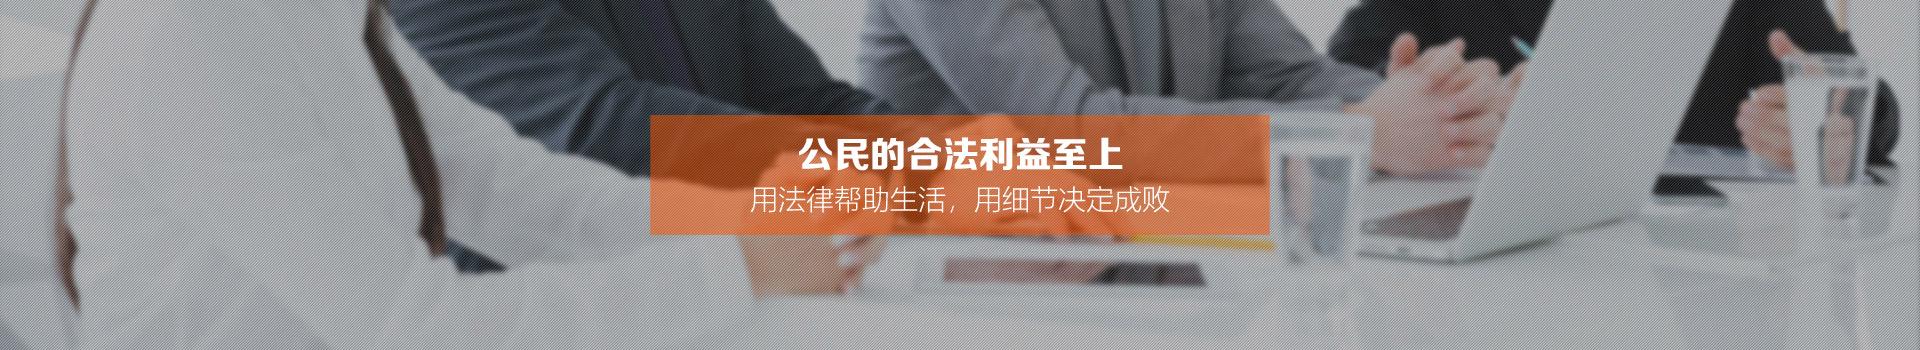 上海宝山律师6